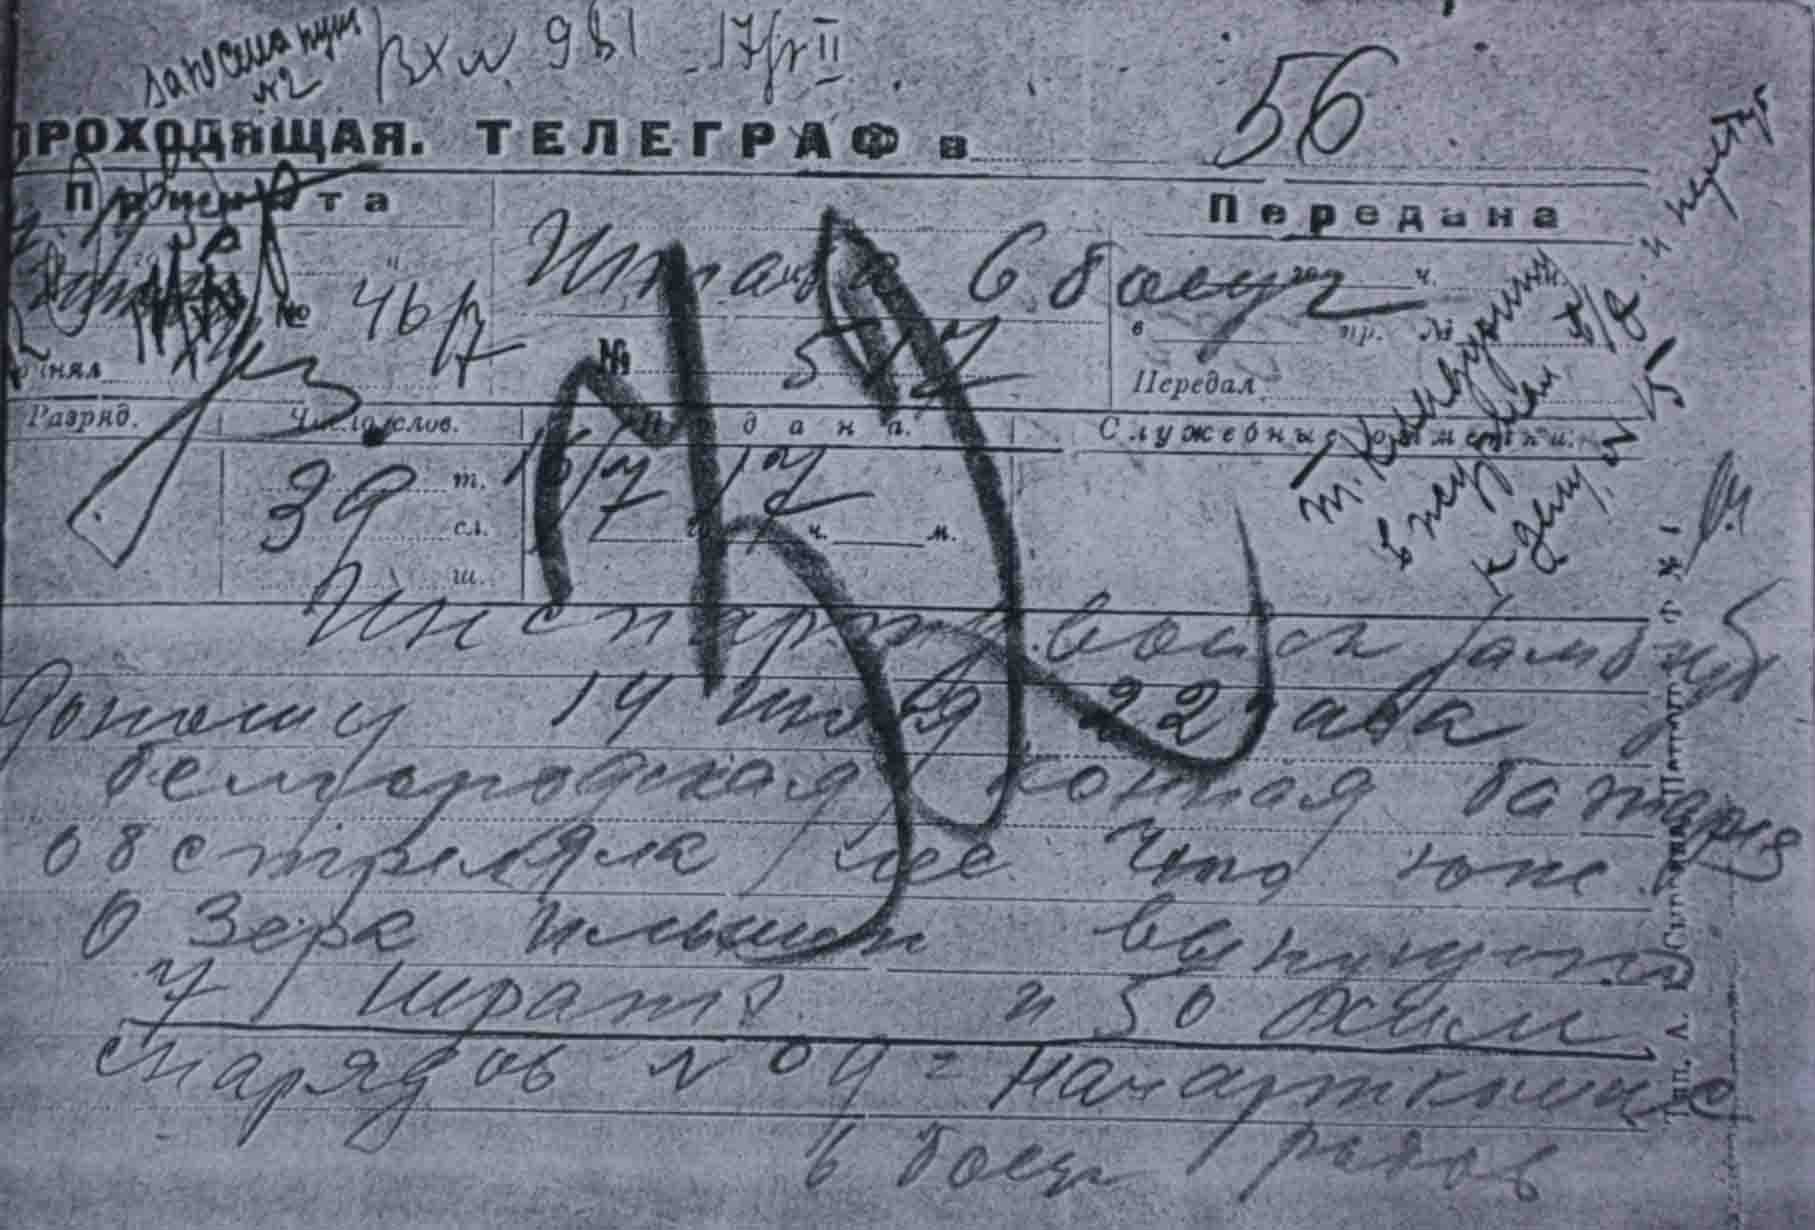 Рис.4. Донесение Начарта-6 Радова об обстреле леса близ озера Ильмень 14 июля 1921 г.